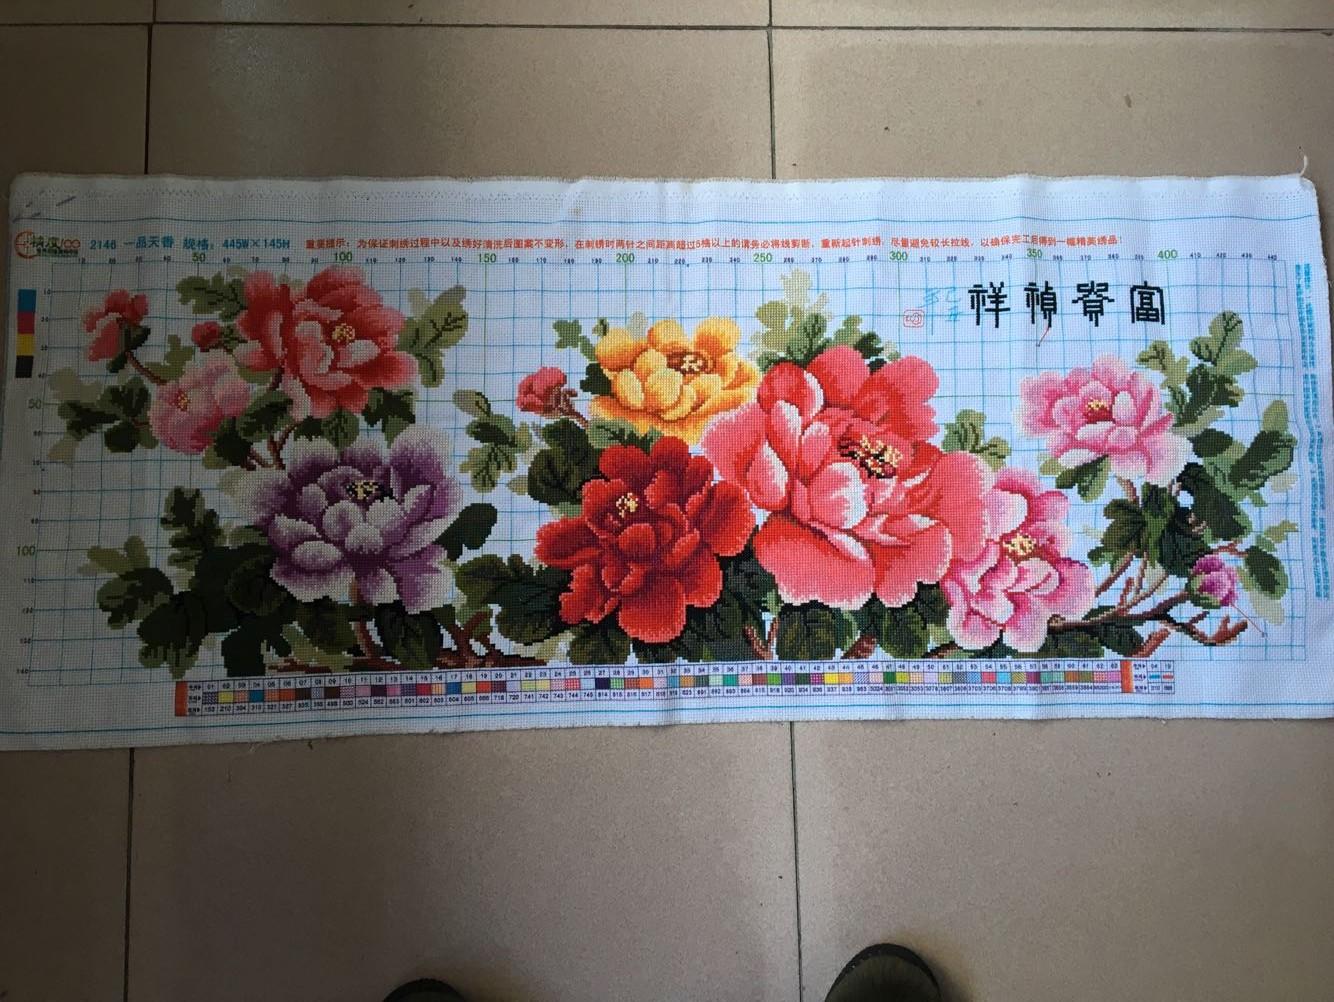 十字绣成品富贵祯祥花开富贵牡丹105X44厘米特价2500元